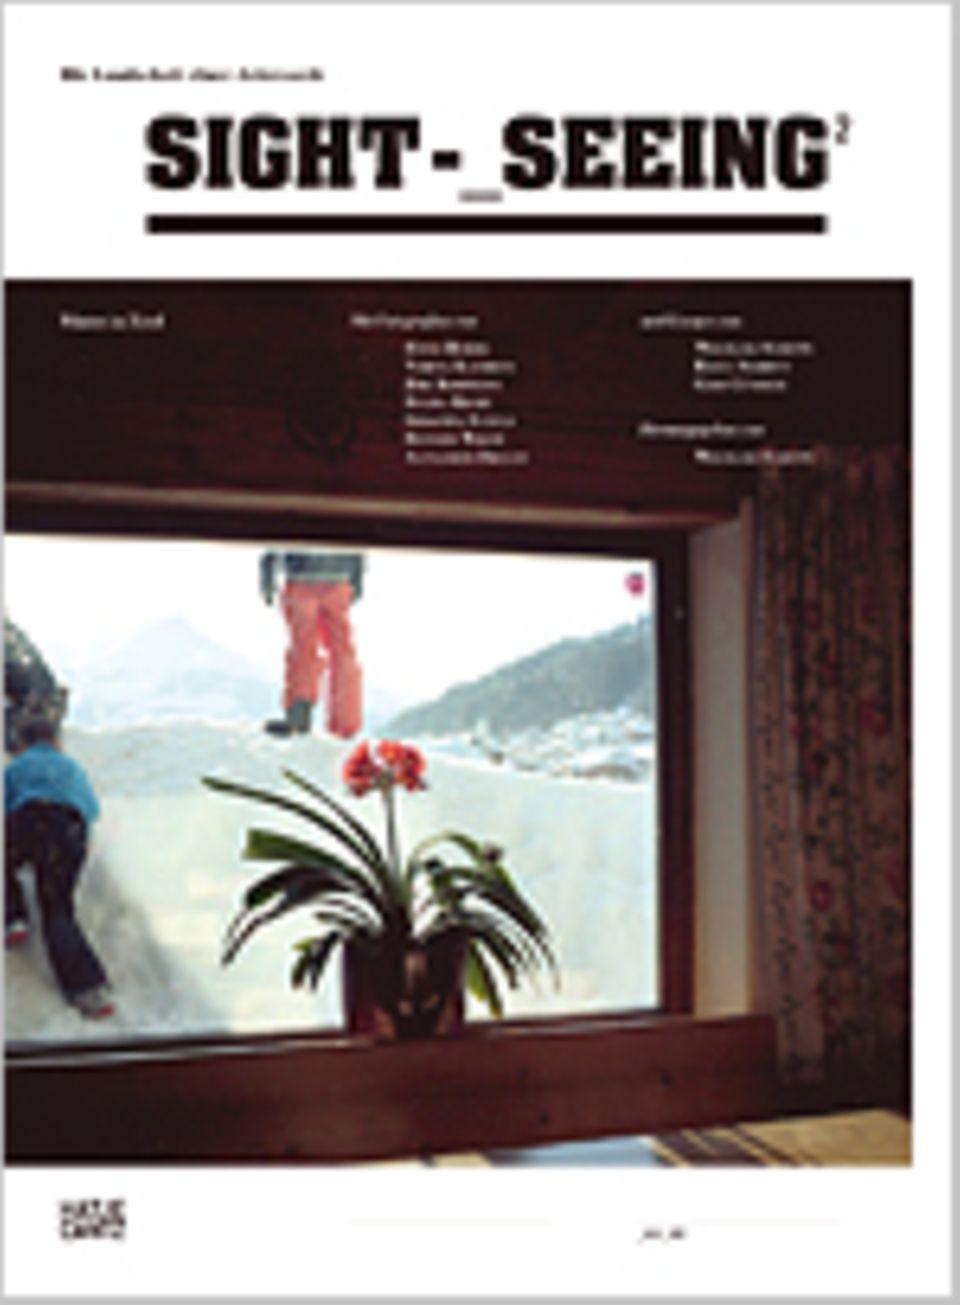 Sight-Seeing 2 – Winter in Tirol, 192 Seiten, 188 Bilder in Farbe, Texte auf Deutsch, erschienen bei Hatje Cantz